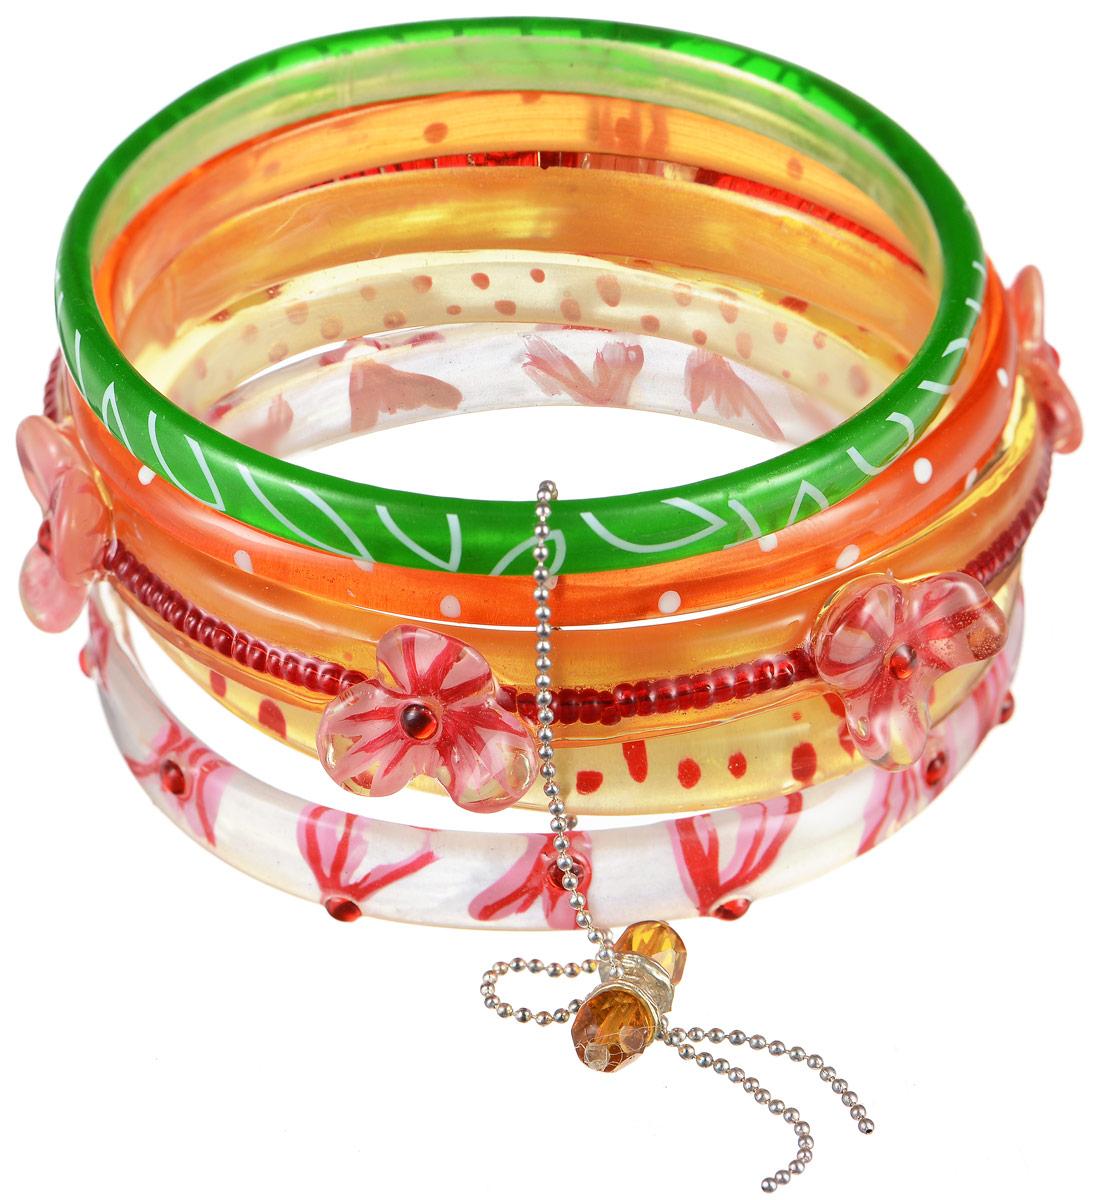 Браслет Lalo Treasures Row, цвет: розовый, оранжевый, зеленый. Bn2508Bn2508Яркое комбинированное украшение Lalo Treasures Row включает пять браслетов, выполненных из ювелирной смолы. Изделия оформлены оригинальными орнаментами и декоративными элементами в виде цветов. Стильное украшение поможет дополнить любой образ и привнести в него завершающий яркий штрих.